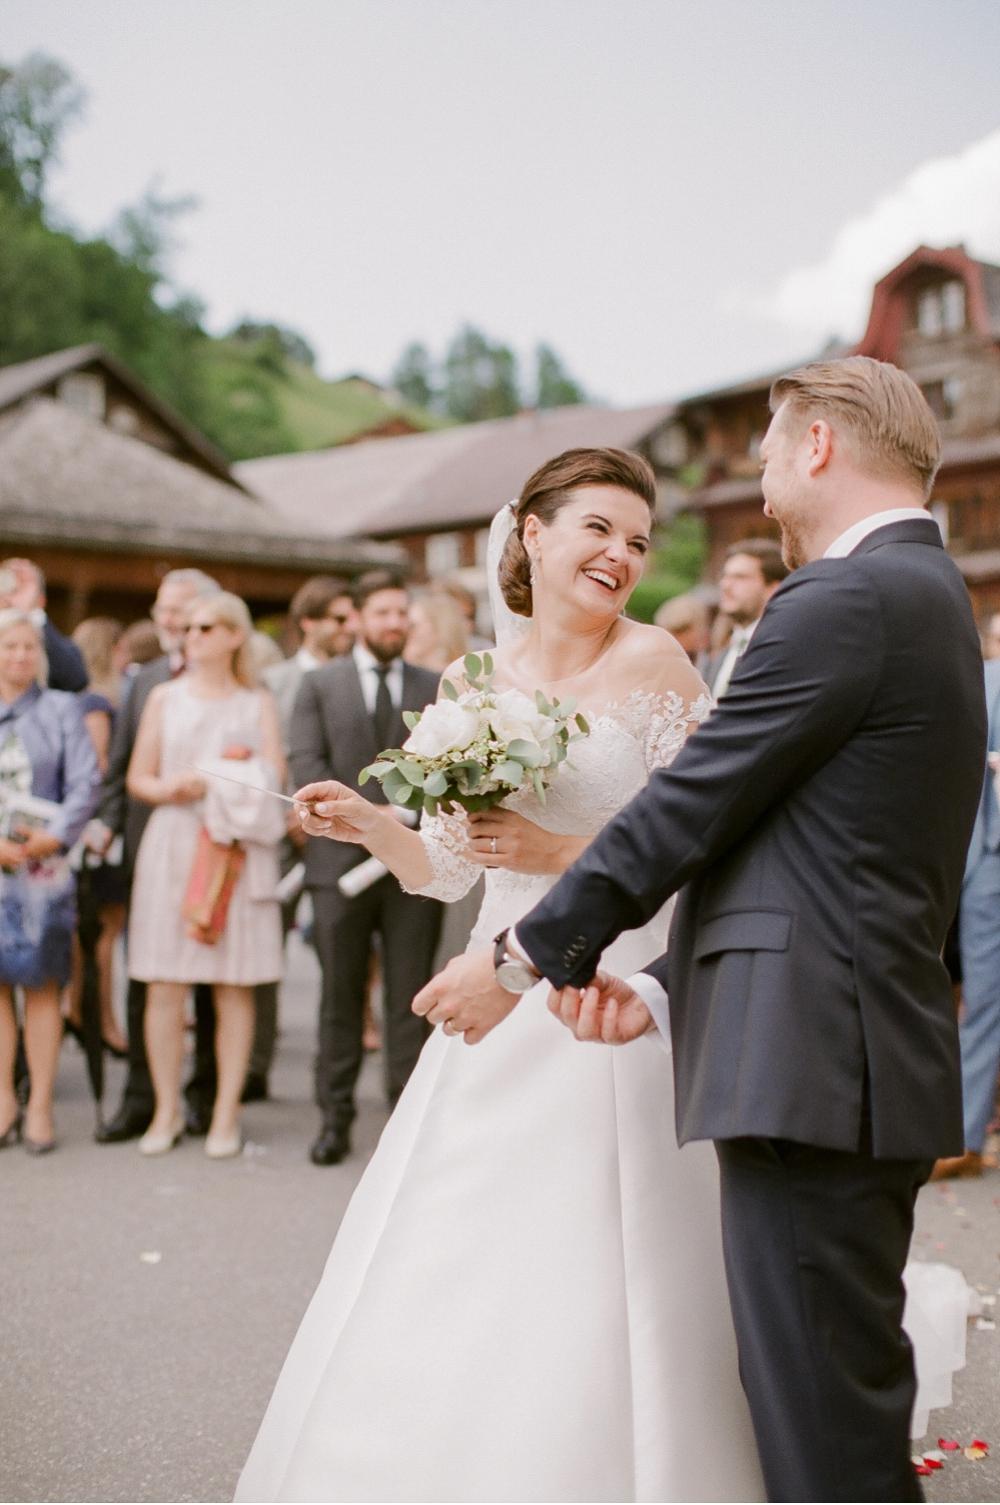 Hochzeitsfotograf_Voralberg_Bregenz_Bodensee©MadalinaSheldon__0039.jpg